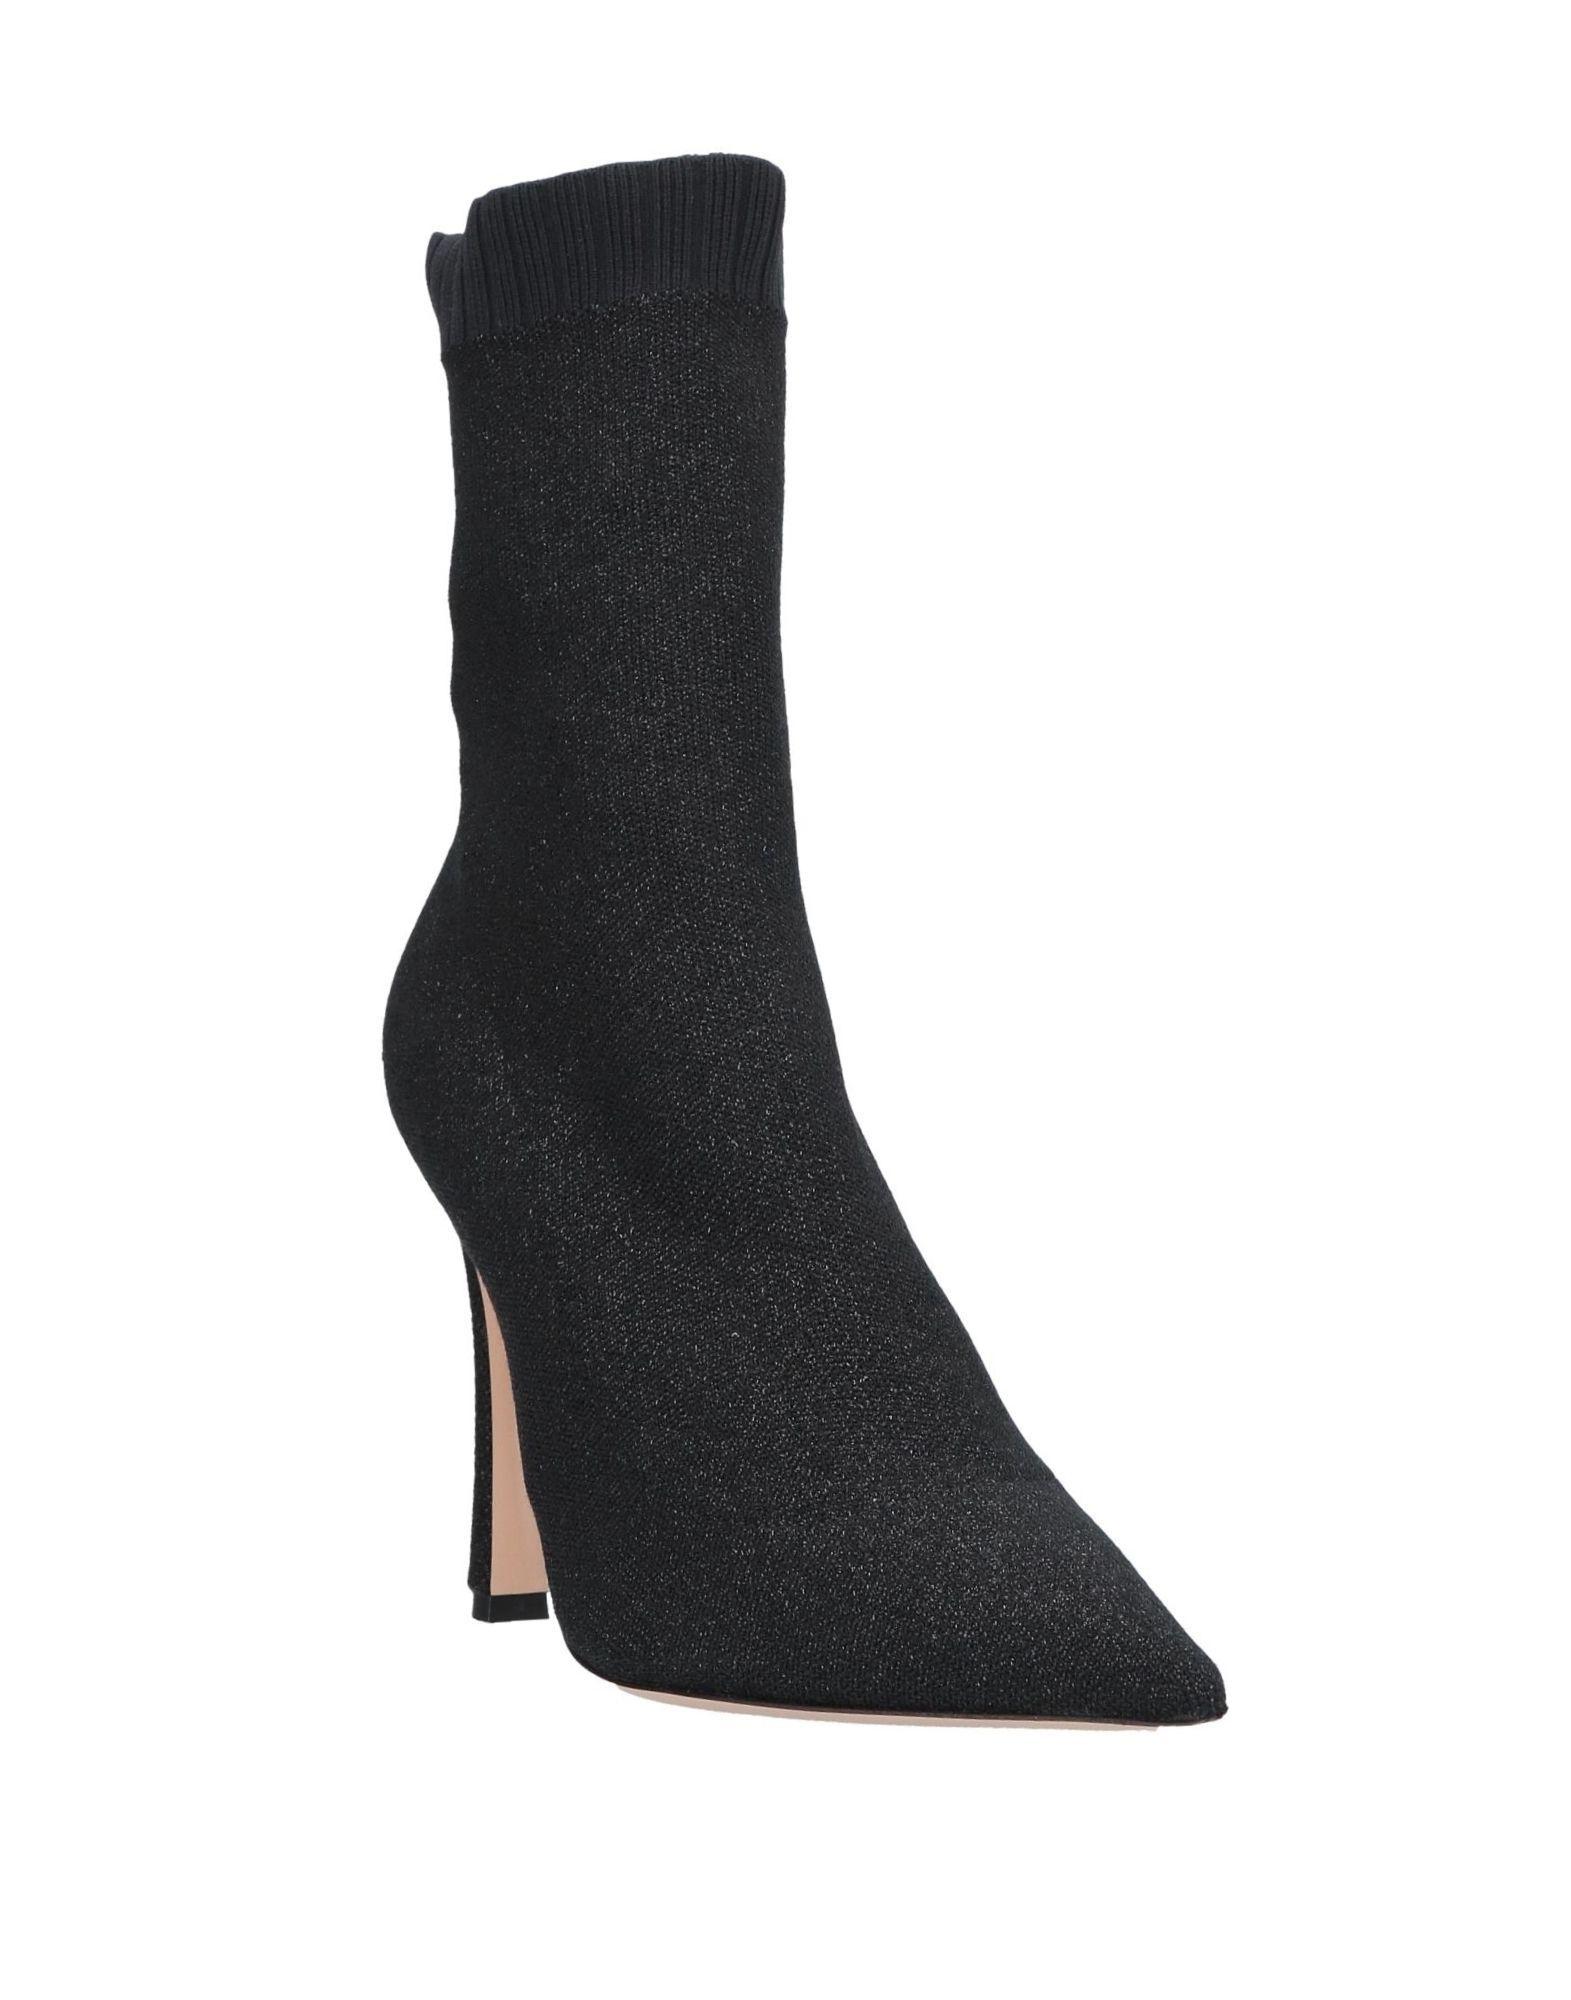 Lerre Women's Ankle Boots Black Textile Fibres